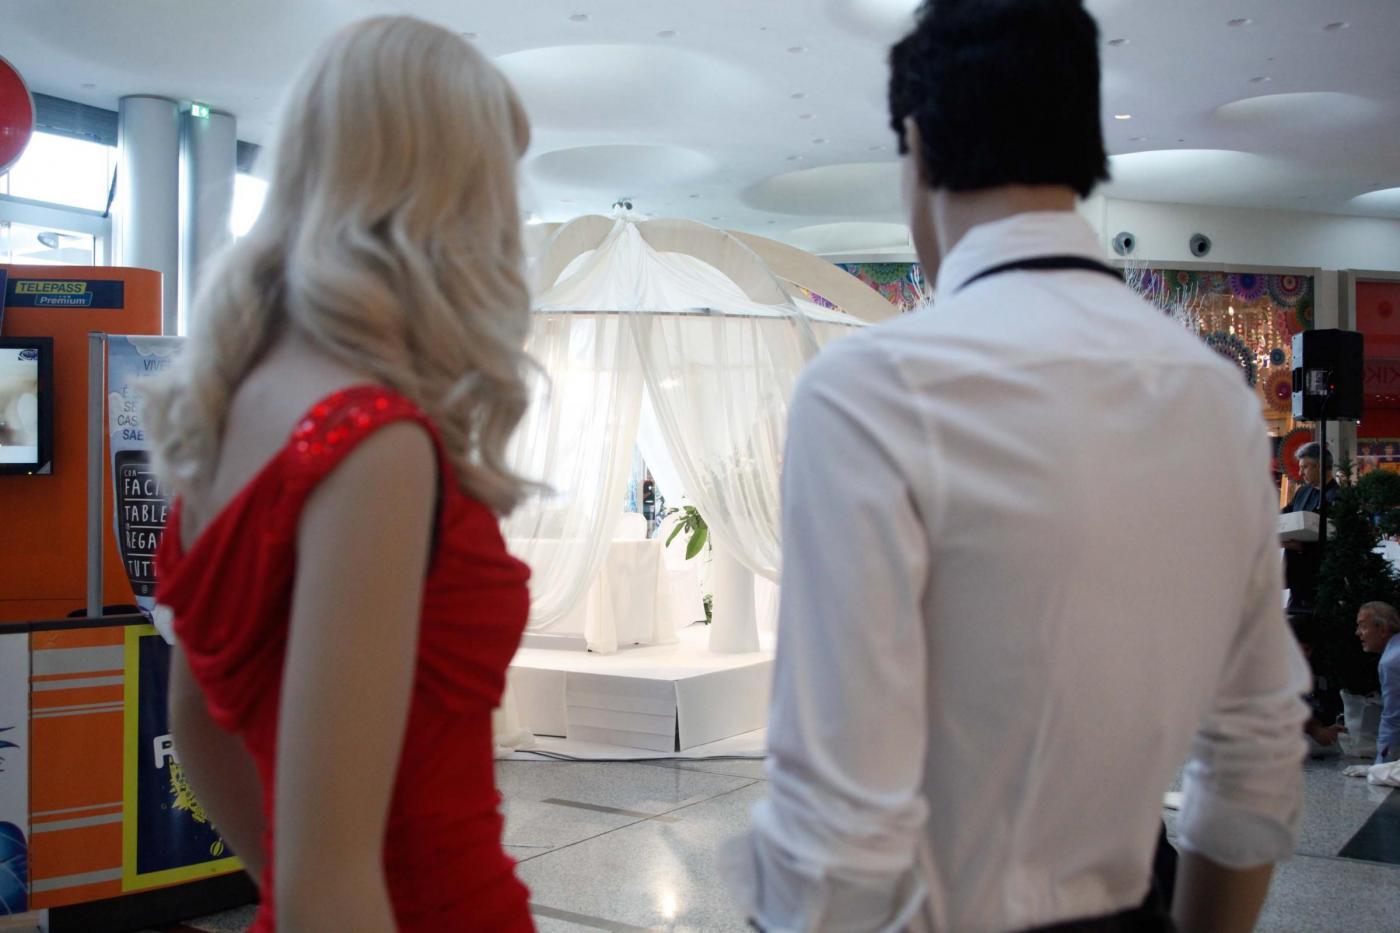 Si sposano nel centro commerciale del primo incontro: è la prima volta in Italia22